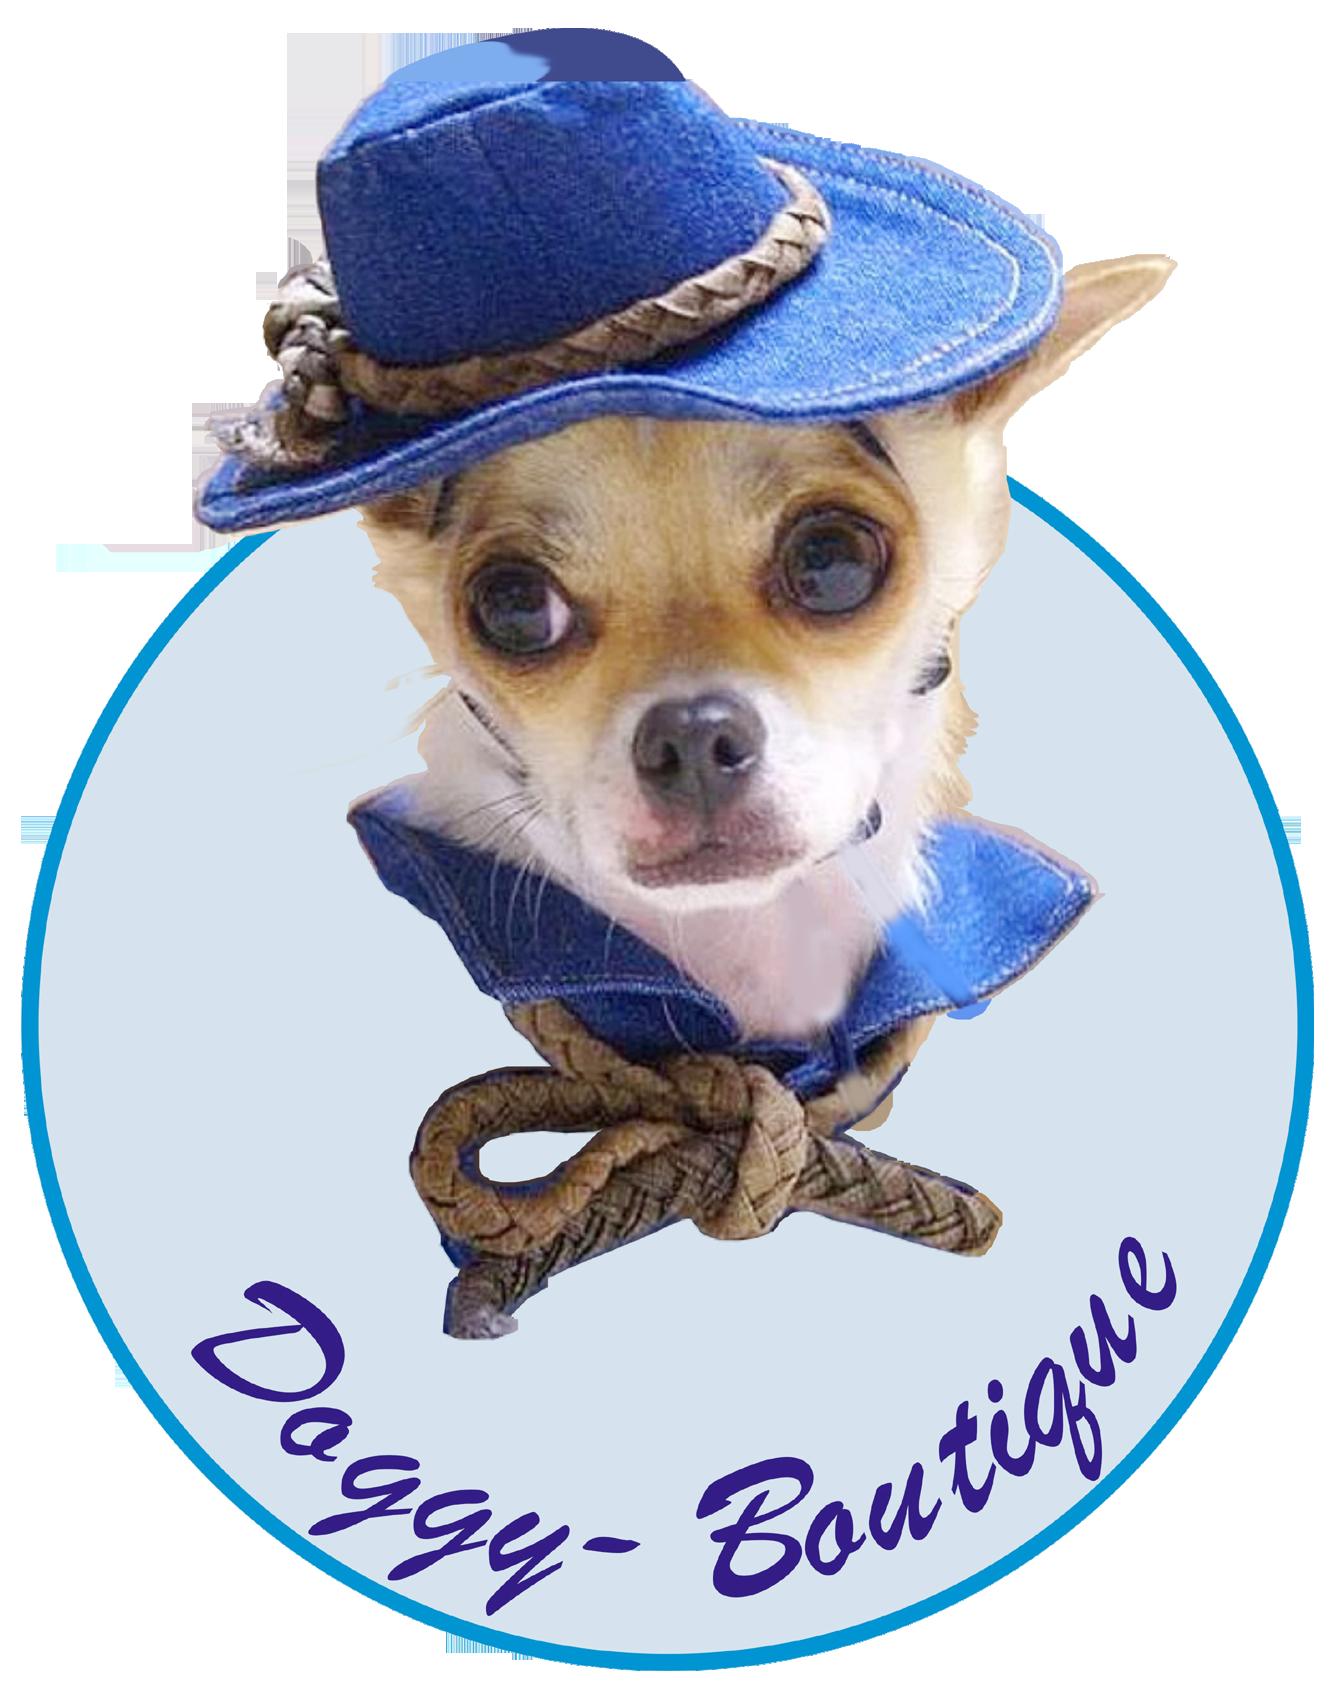 интернет-магазин! одежда для собак! дешево от 300р.! для! одежды! -  Дог-Бутик одежда для собак 19c4941aa11